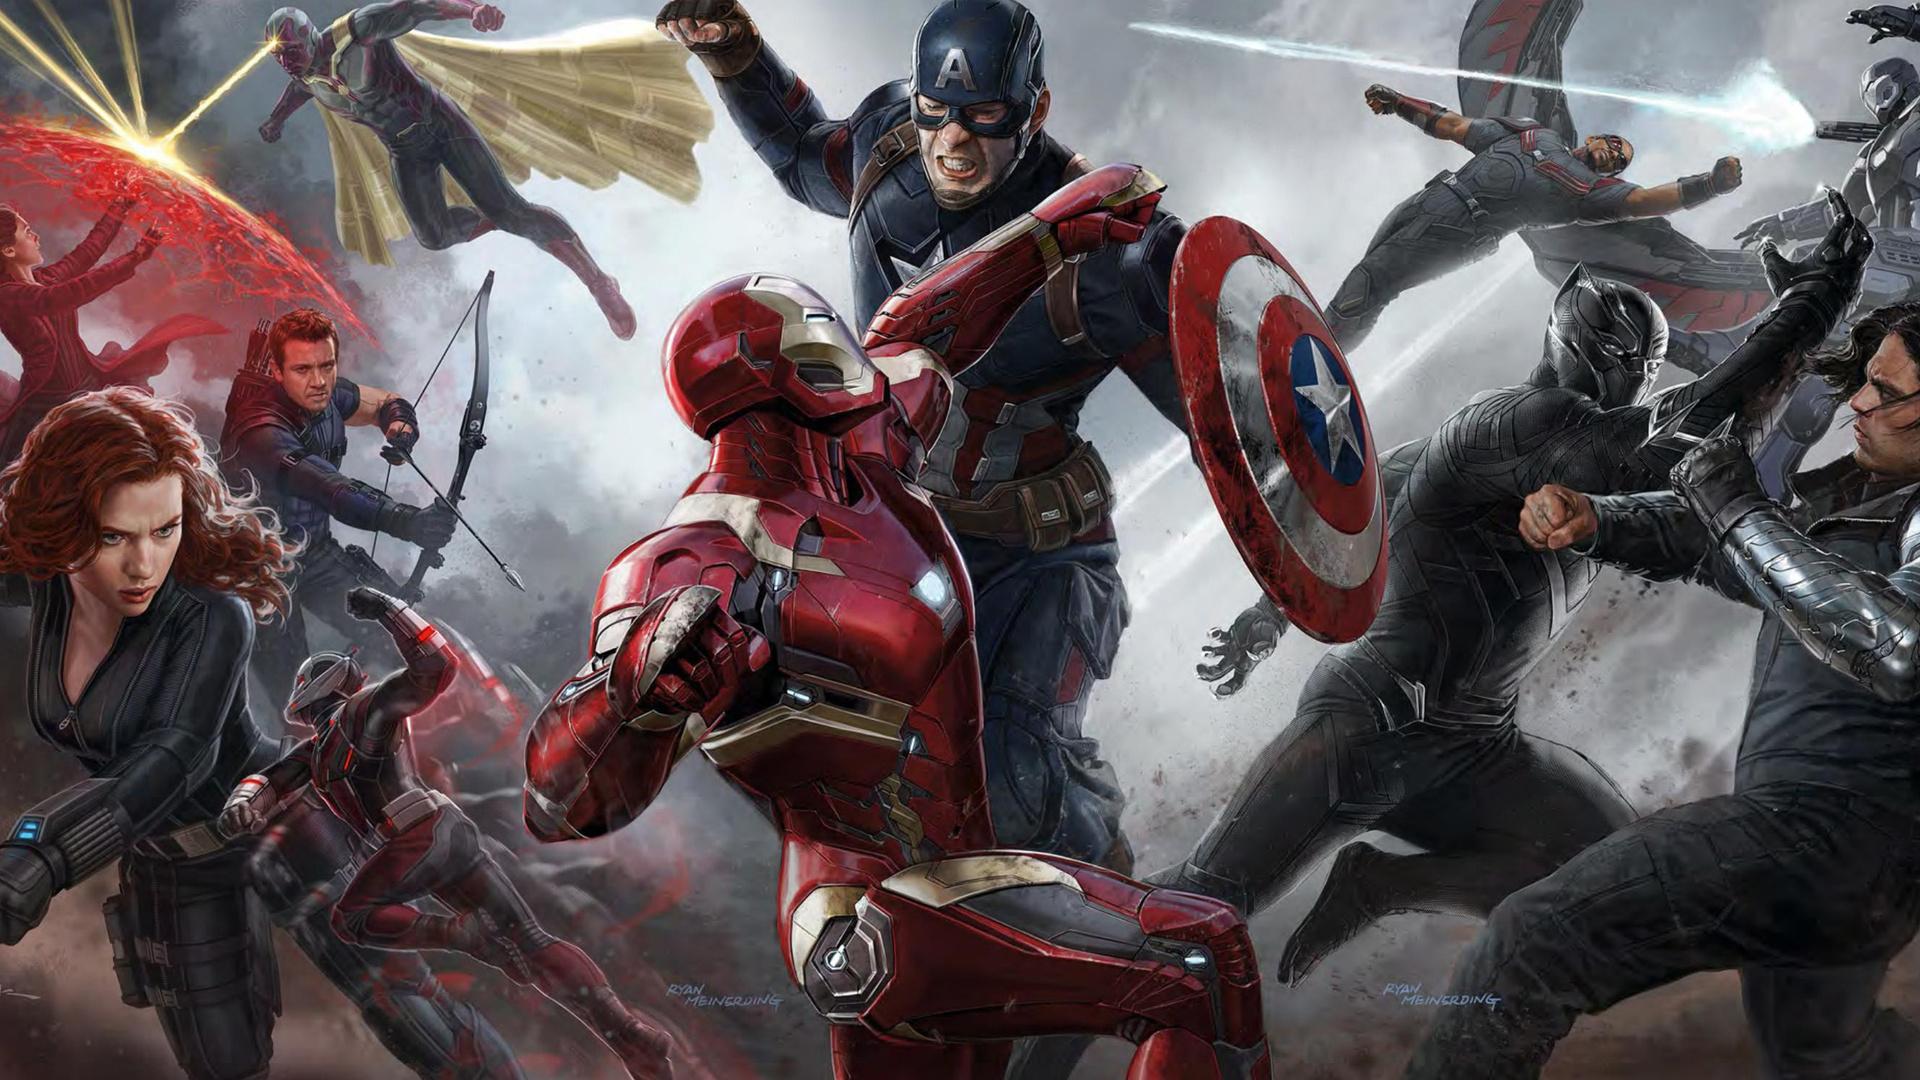 Jogos de super-heróis para Android